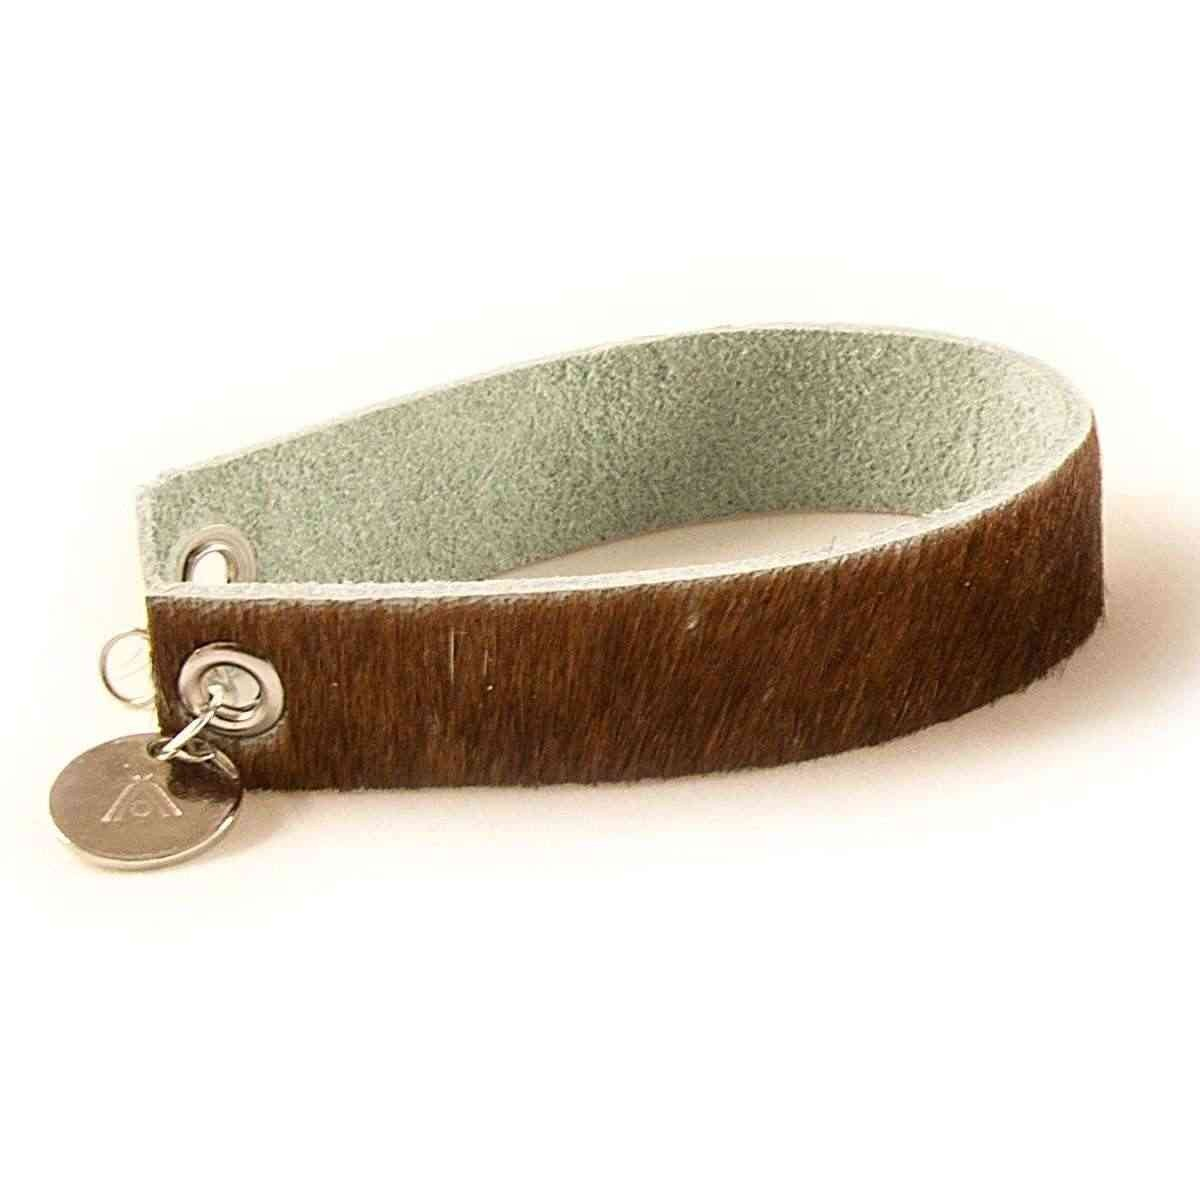 Wrips - Cow Print - Single Wrap Bracelet - Cow Print Brown